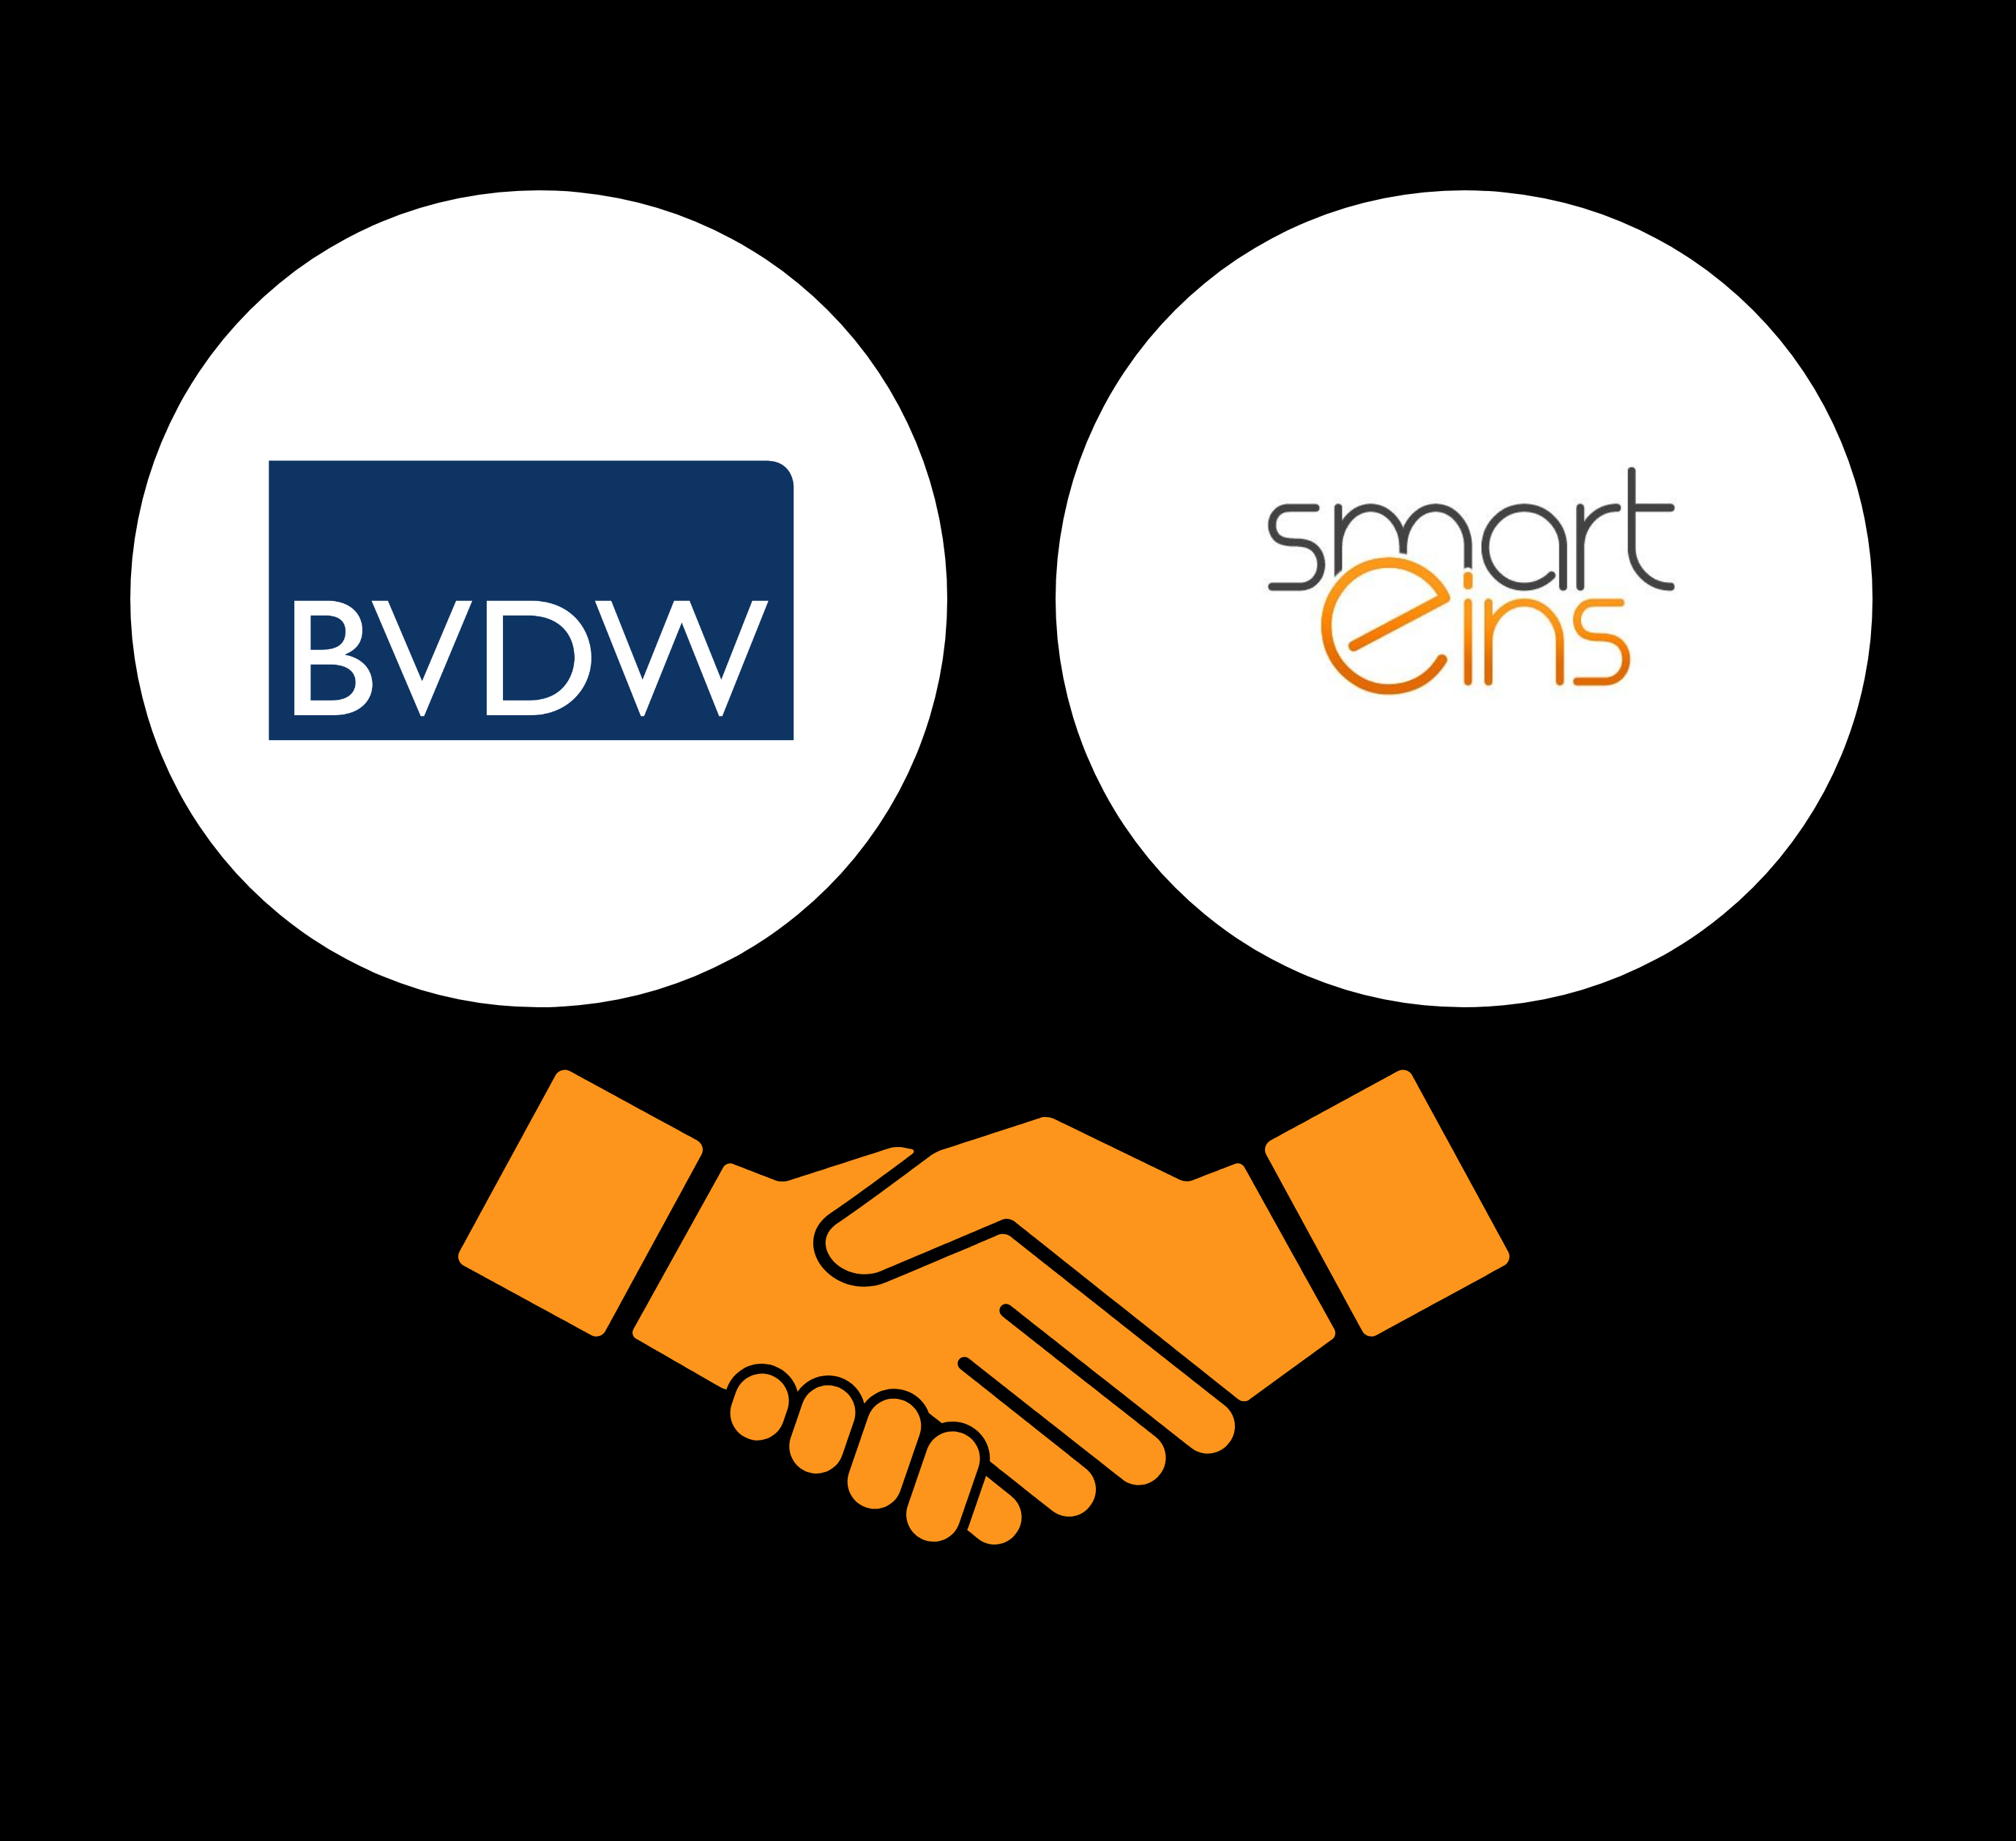 smarteins ist BVDW Mitglied